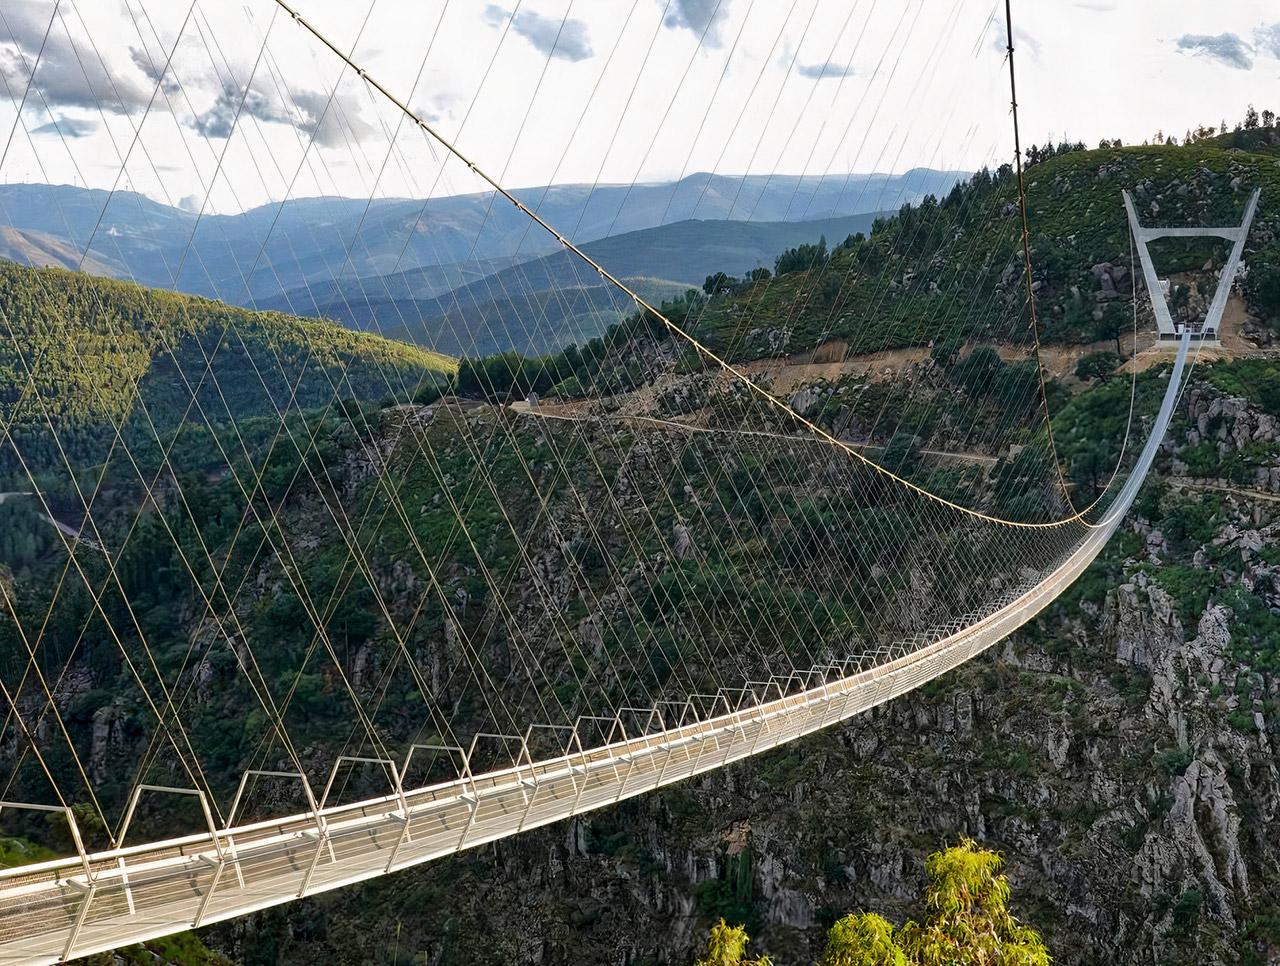 Portugal Arouca 516 World's Longest Pedestrian Suspension Bridge